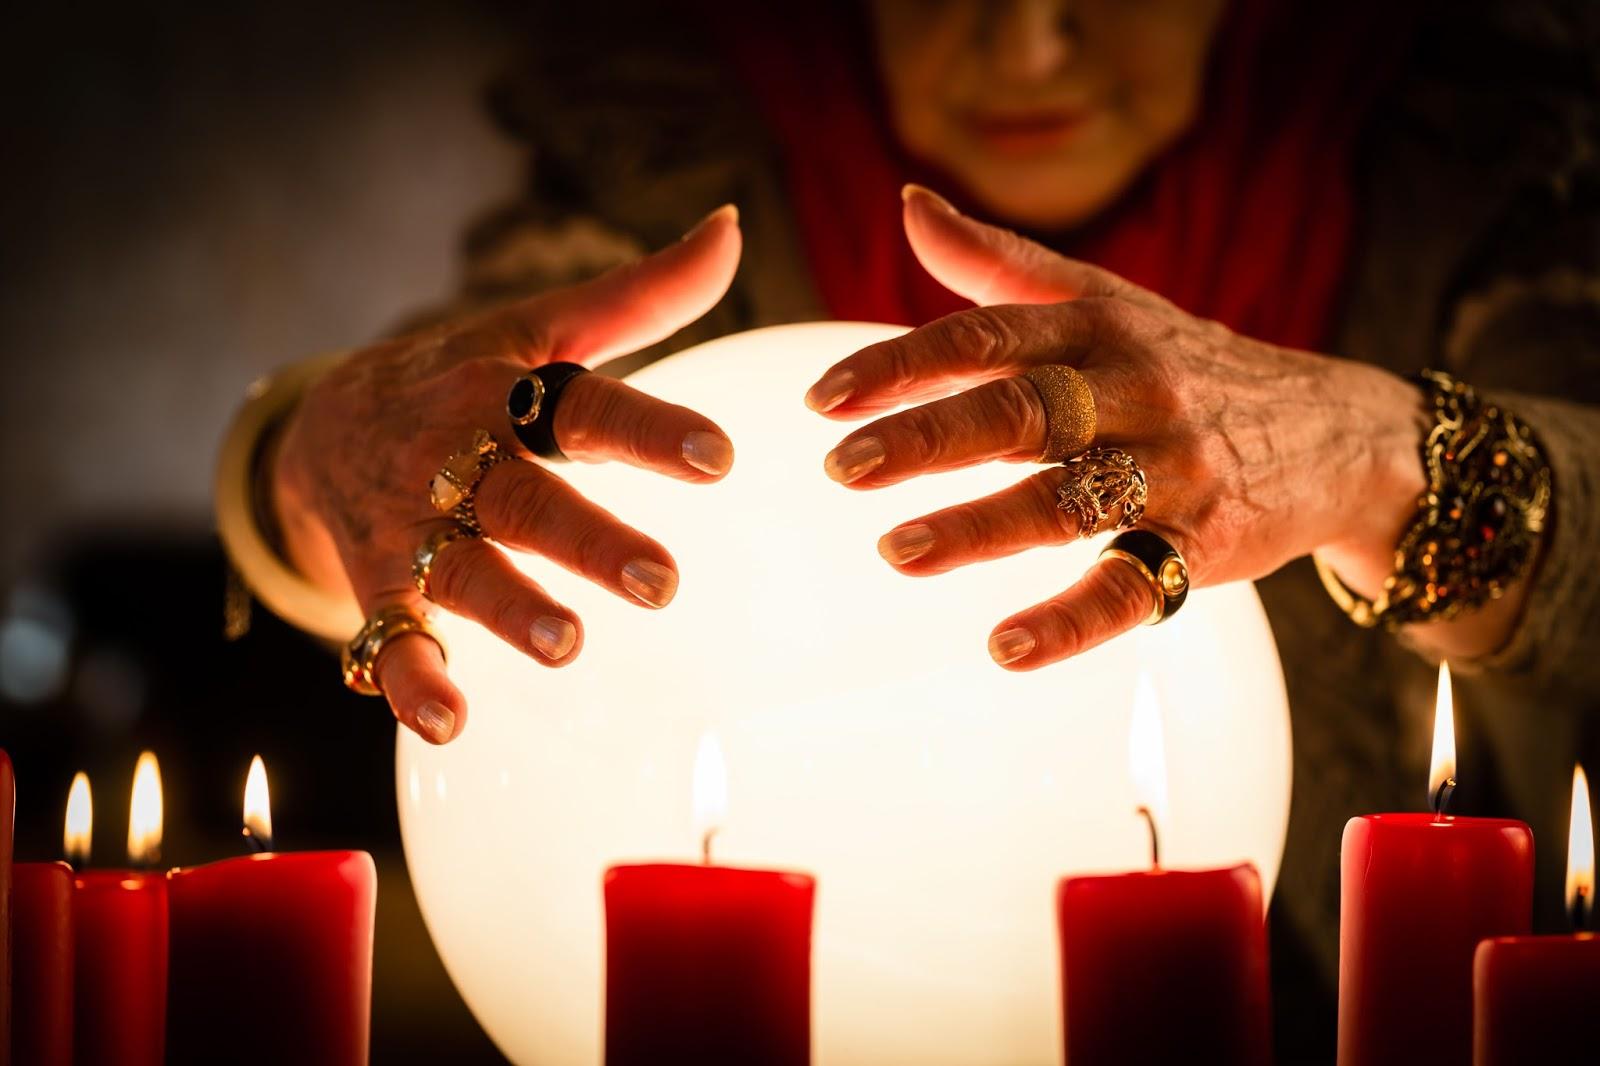 Как убрать сделанный приворот. Ритуалы для домашнего проведения 40